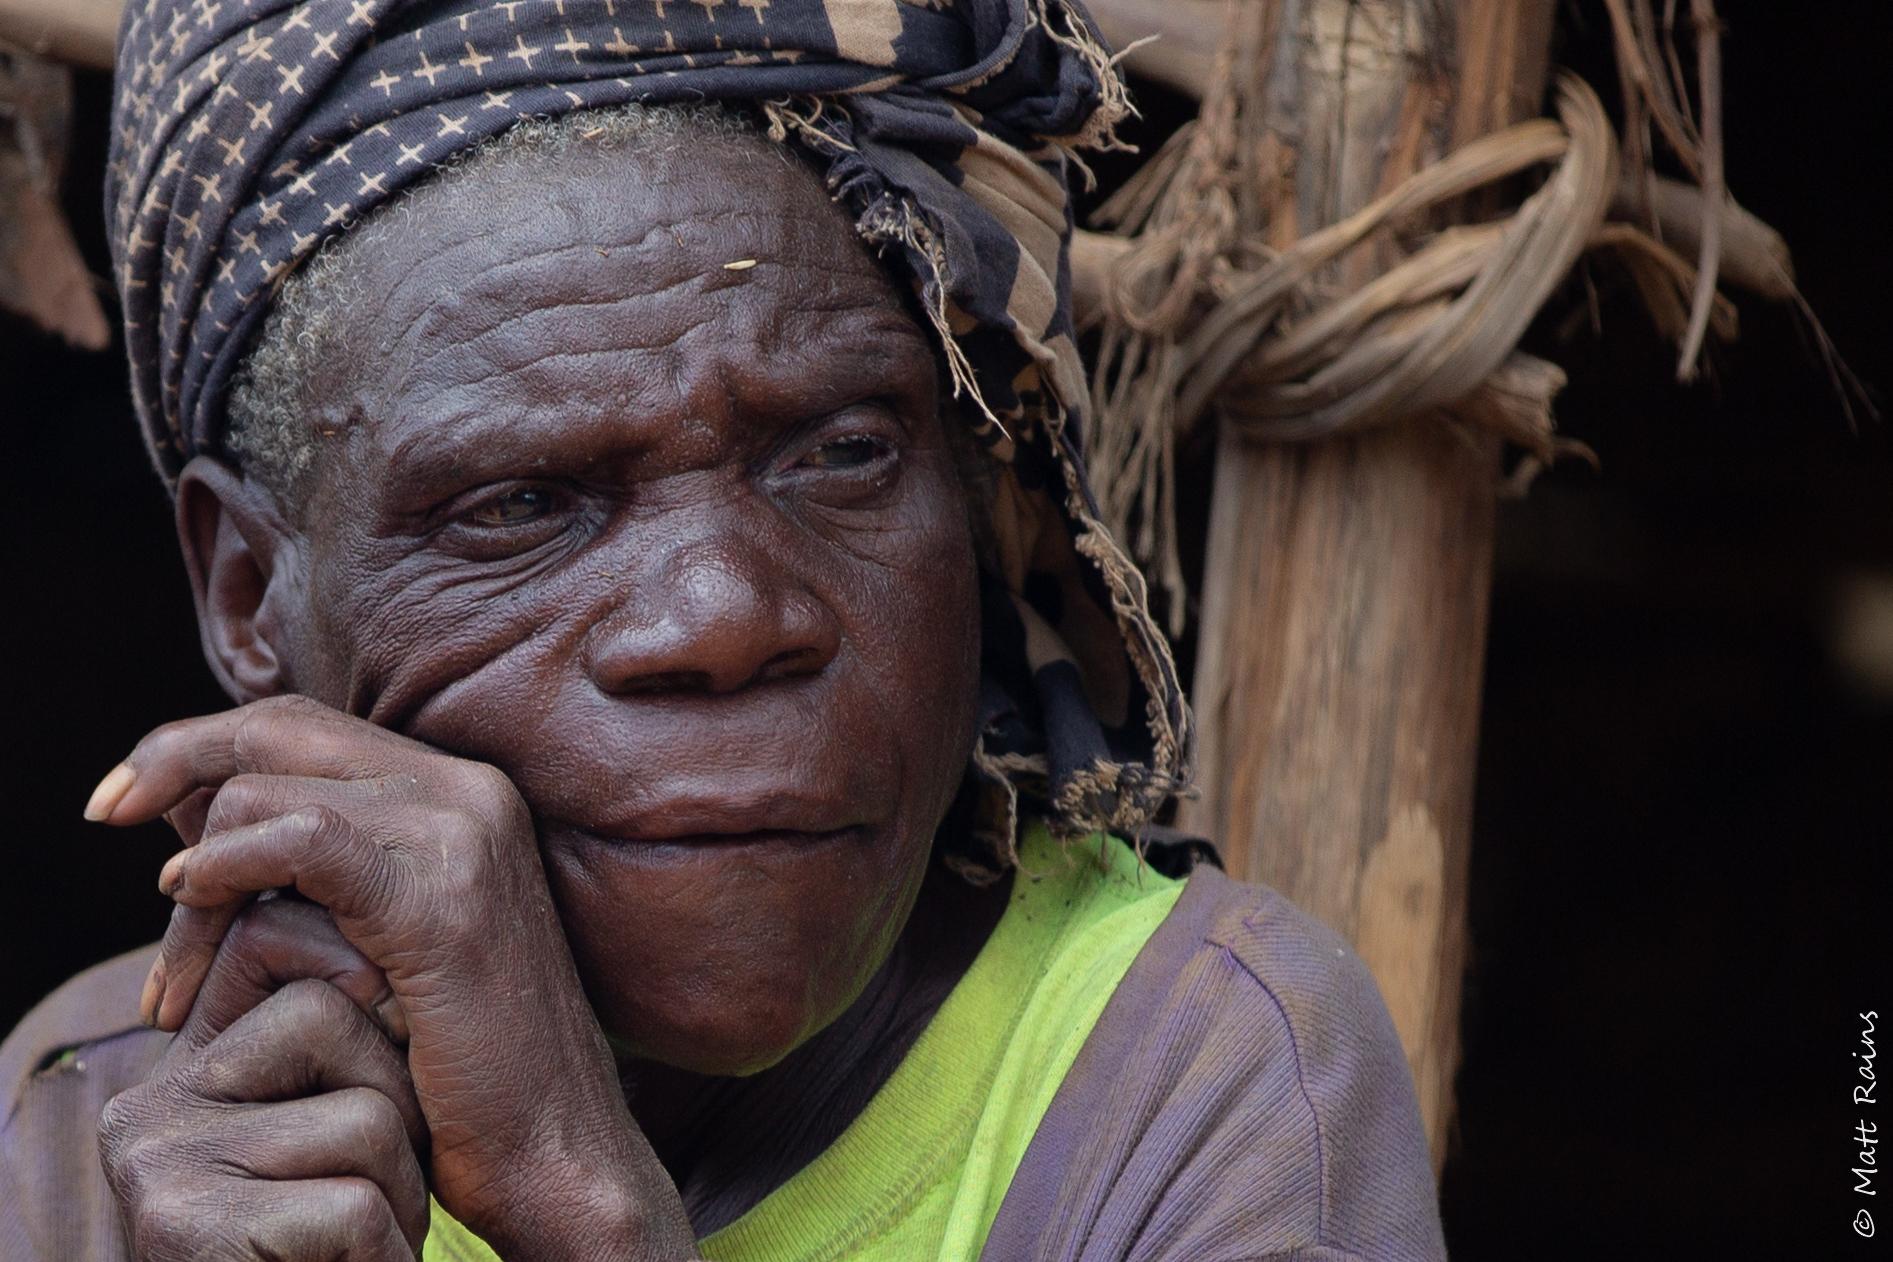 Uganda Entusi_Pygmies_June 2018-37